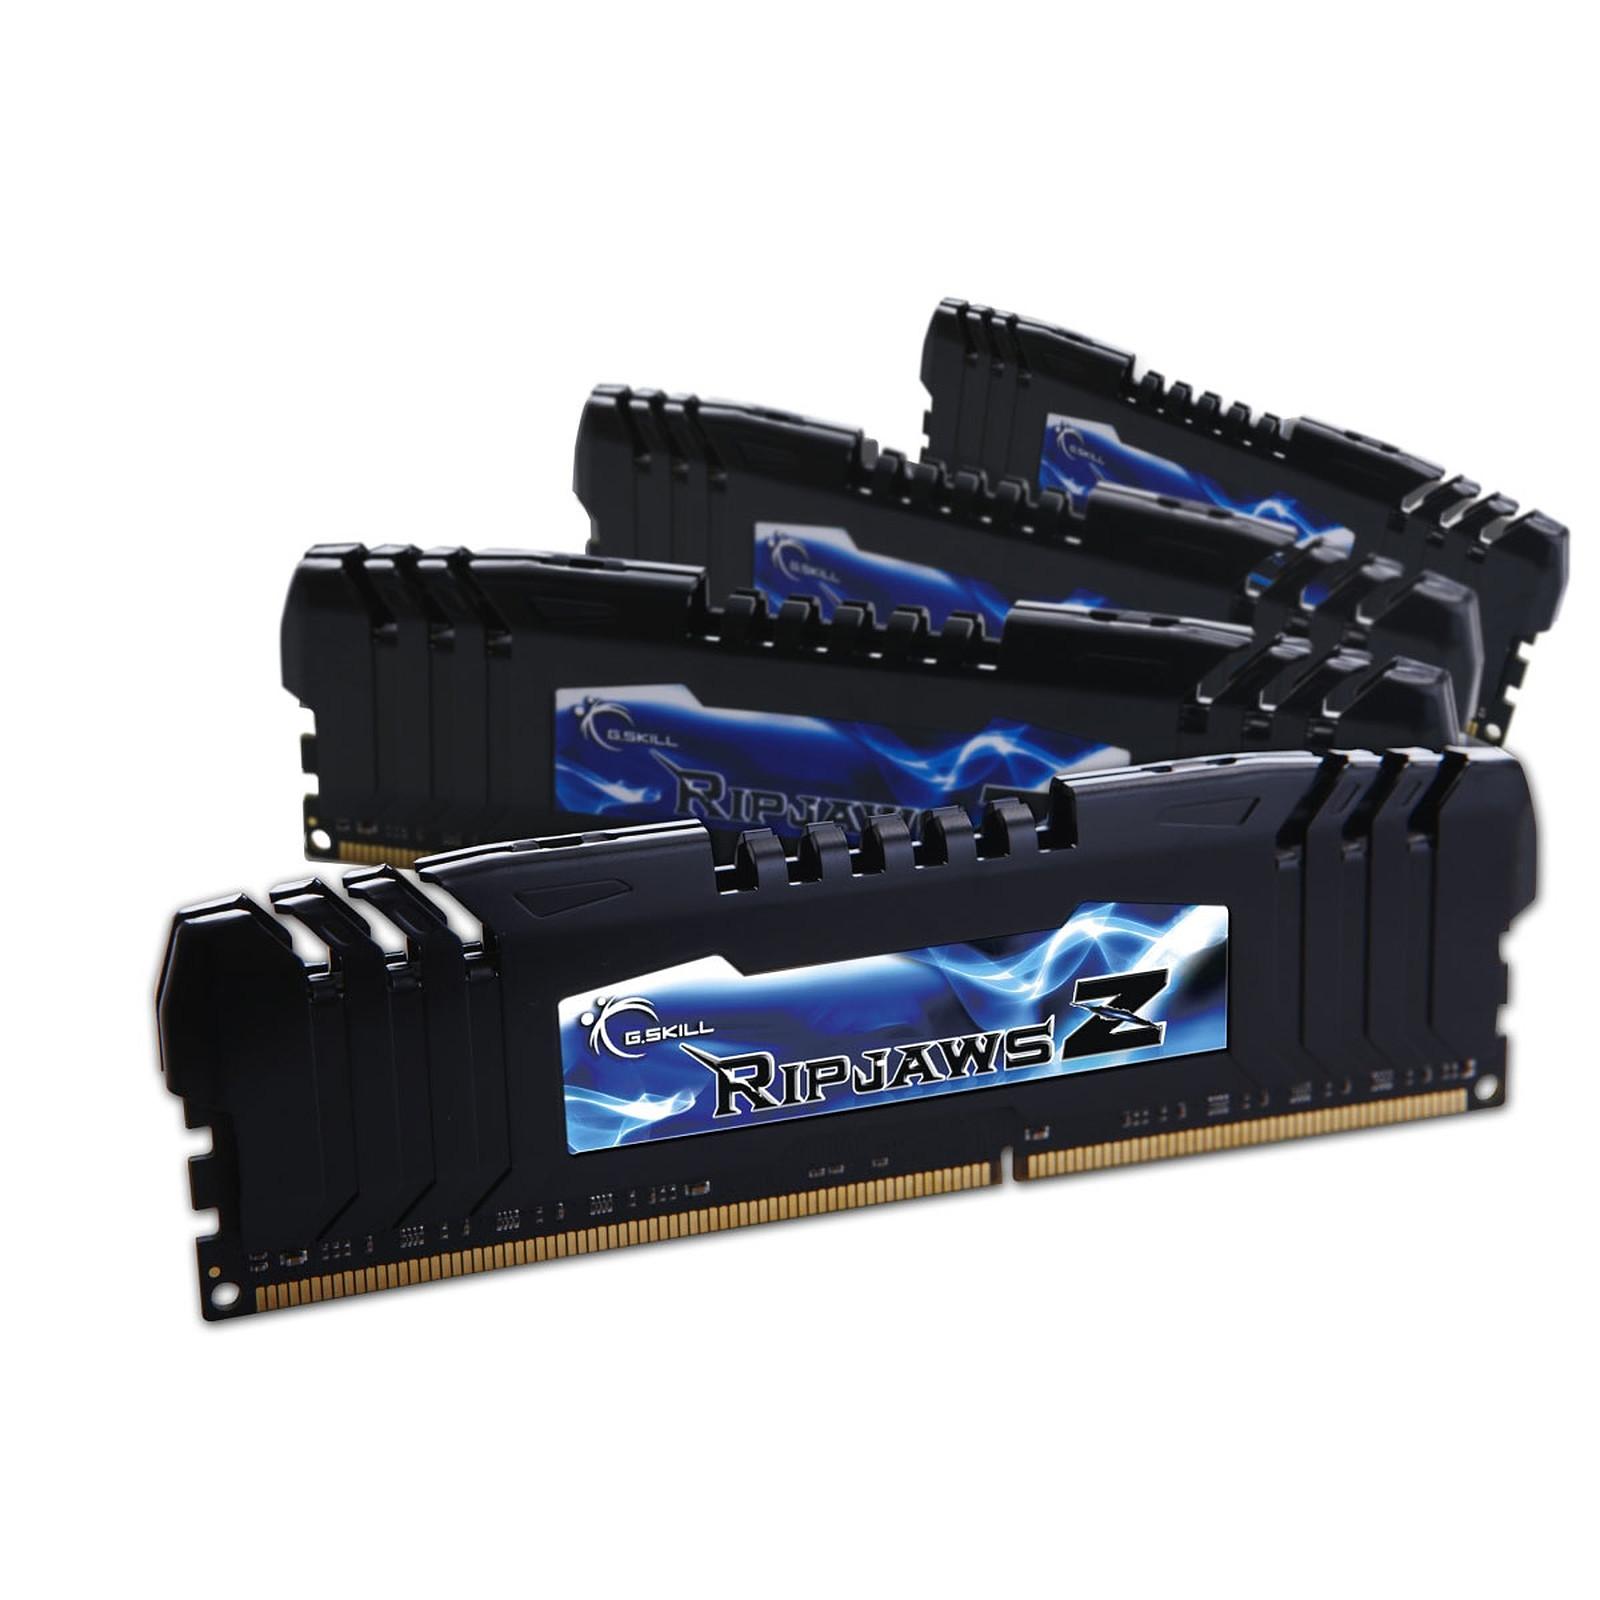 G.Skill RipJaws Z Series 8 Go (4 x 2 Go) DDR3 2133 MHz CL9